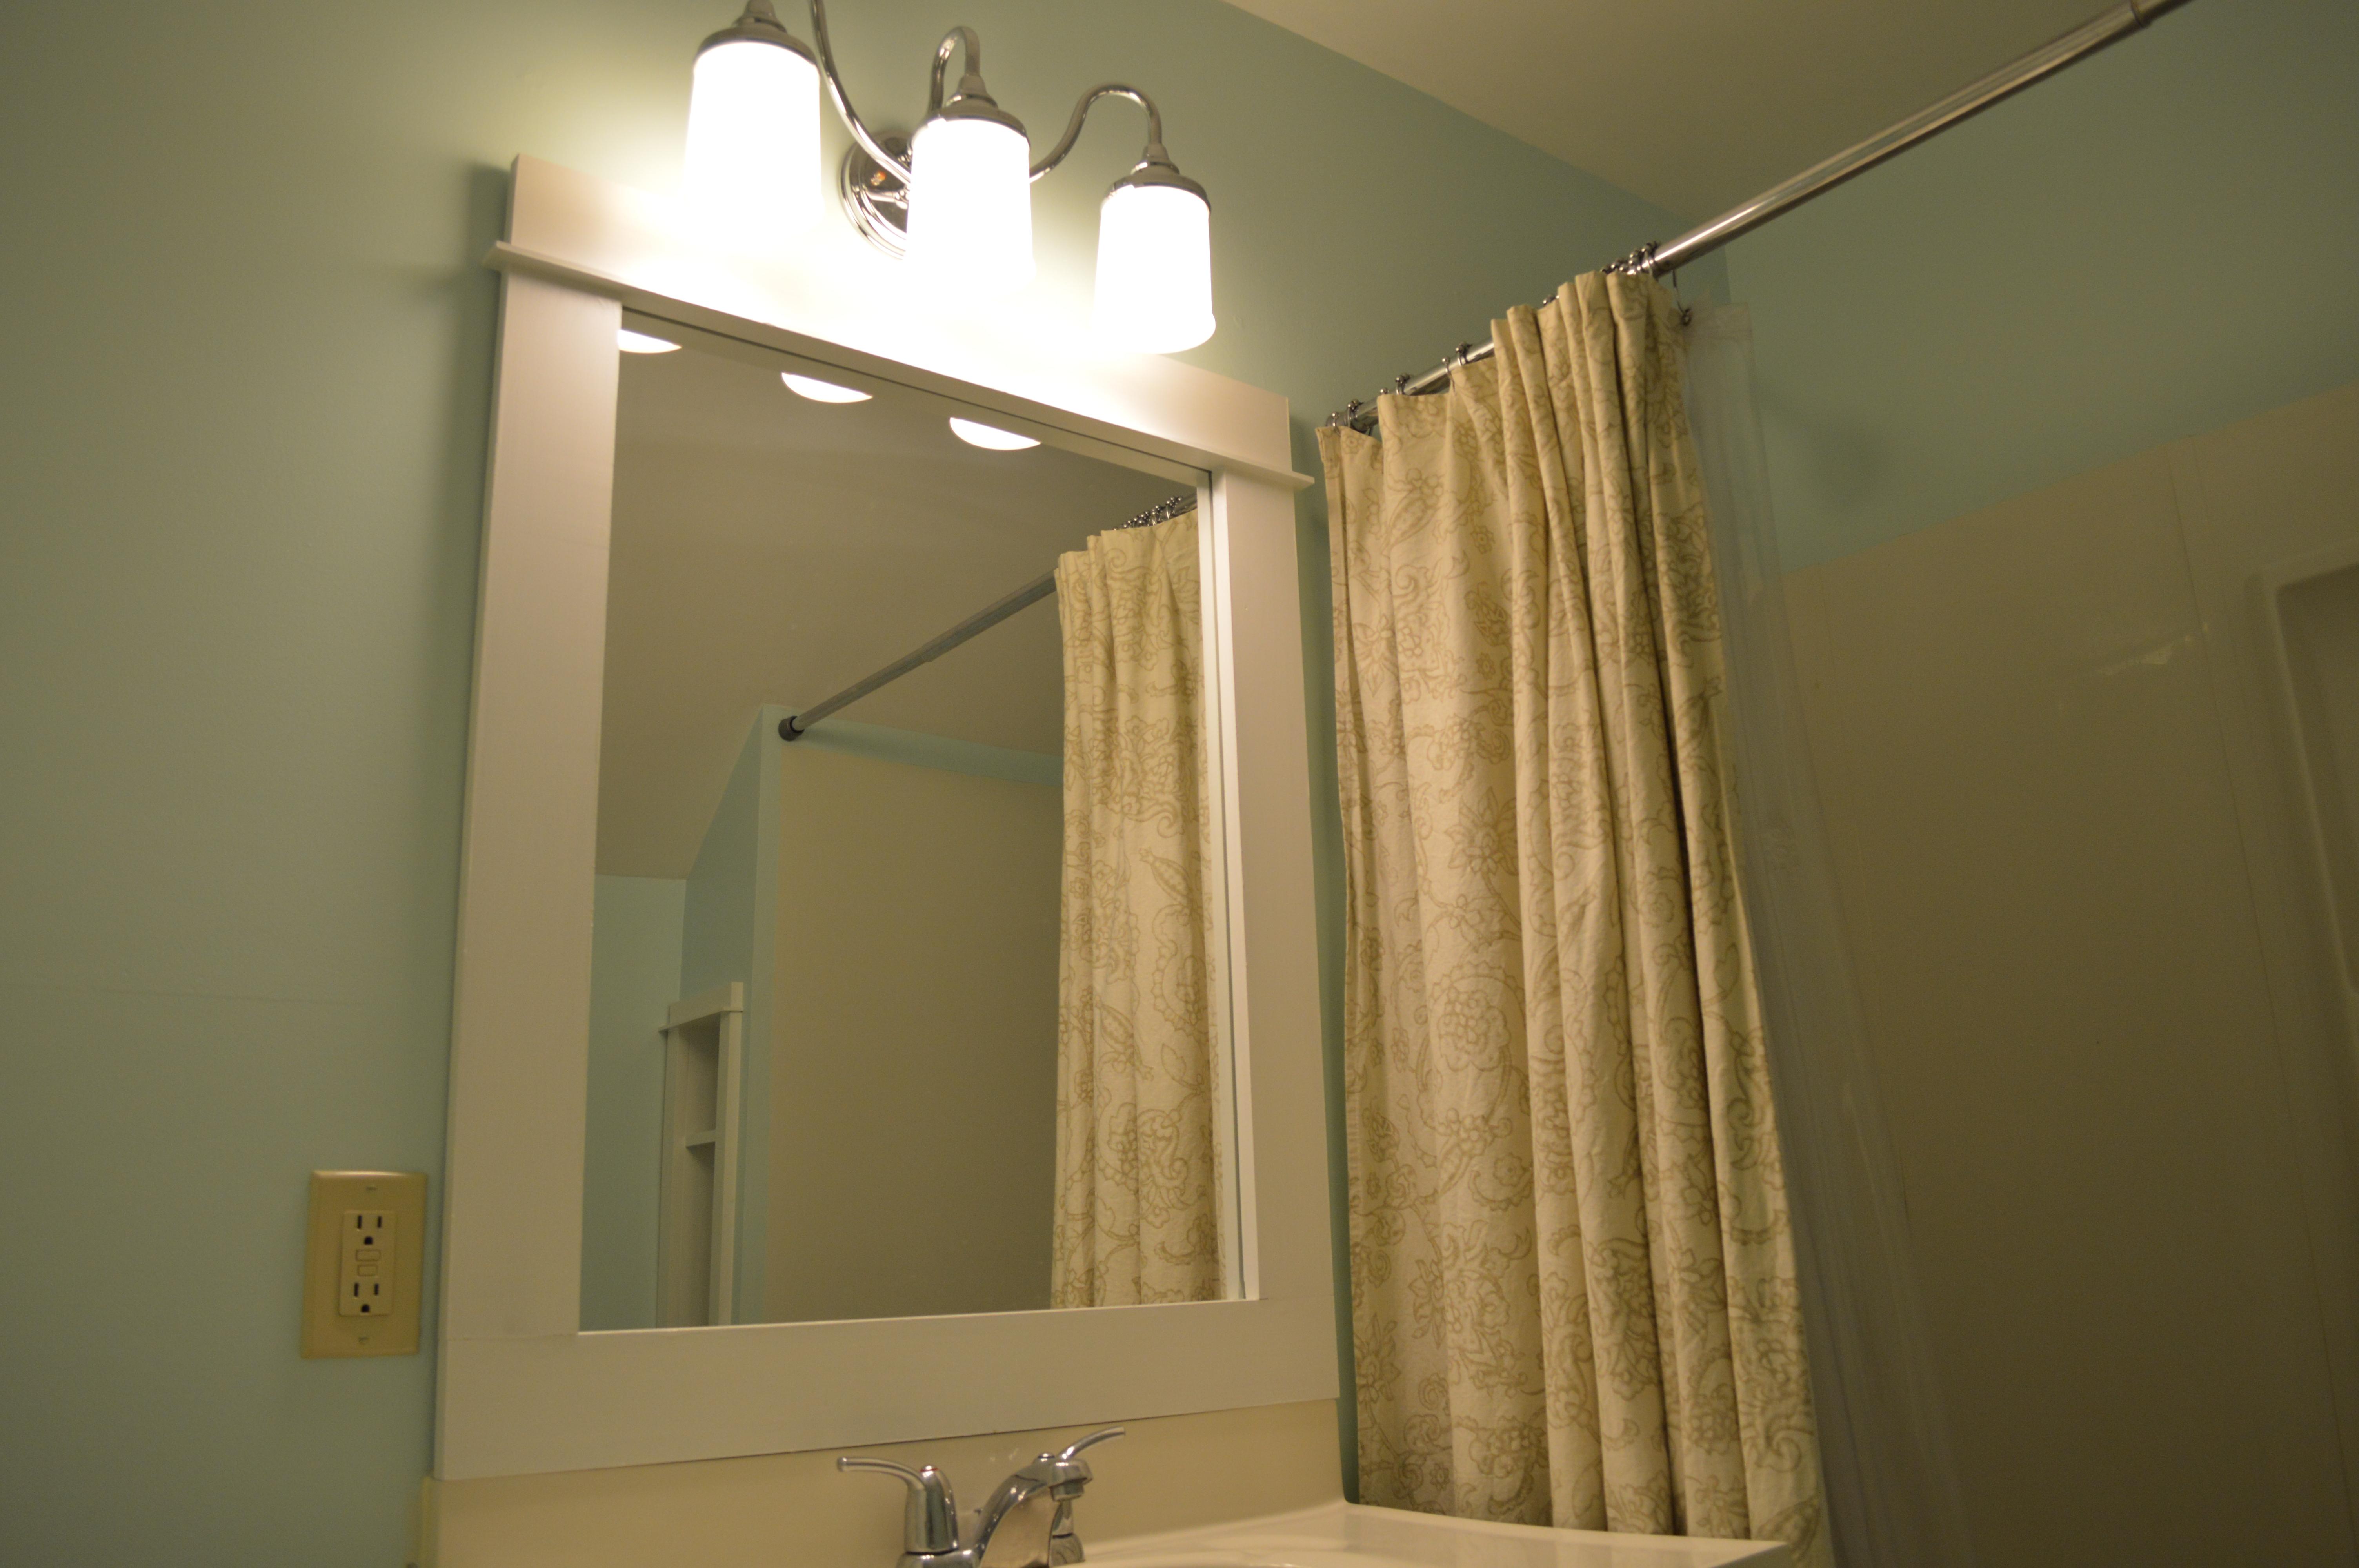 Framing a Bathroom Mirror | St. Paul Haus